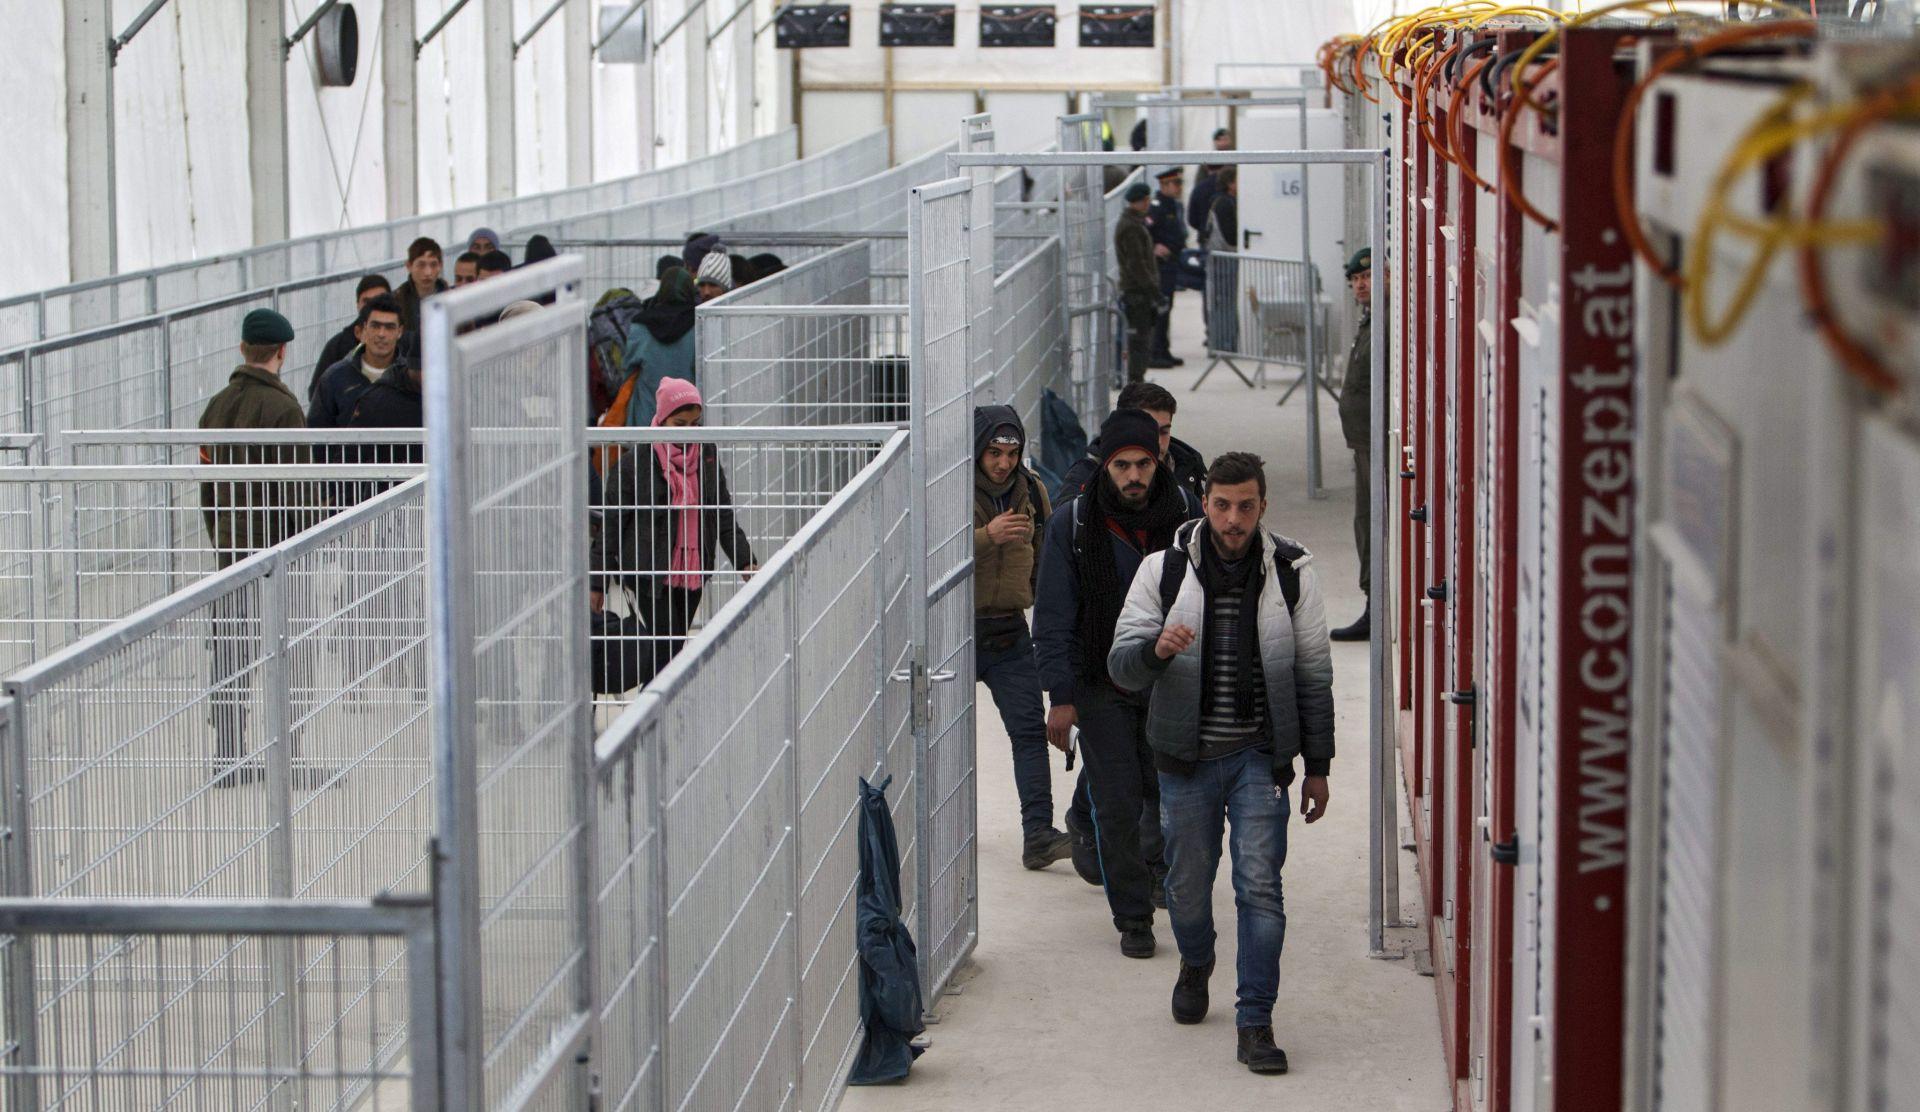 GRADNJA NOVIH OBJEKATA: Austrija želi bolje zaštititi svoje granice